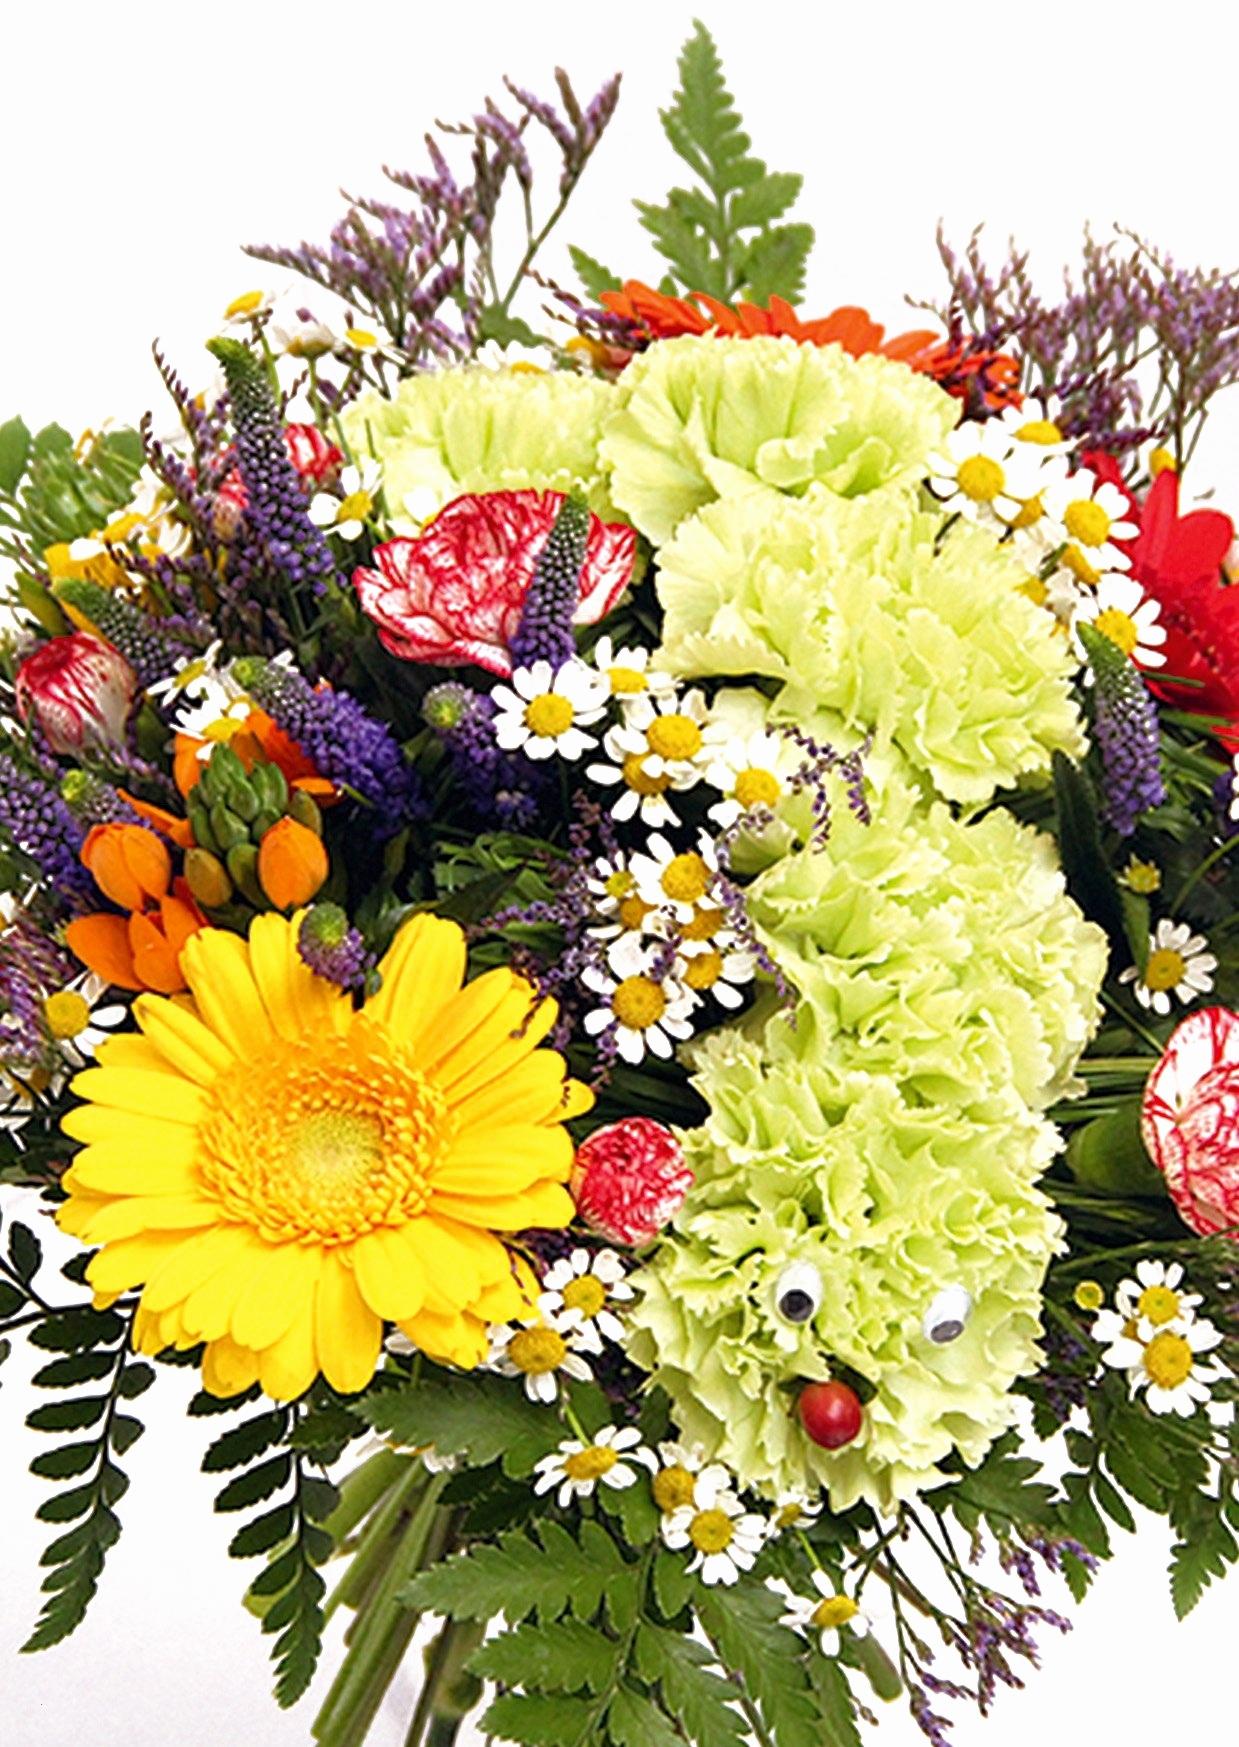 Blumenbilder Kostenlos Herunterladen Best 69 Besten Natur ganzes Blumenbilder Kostenlos Herunterladen